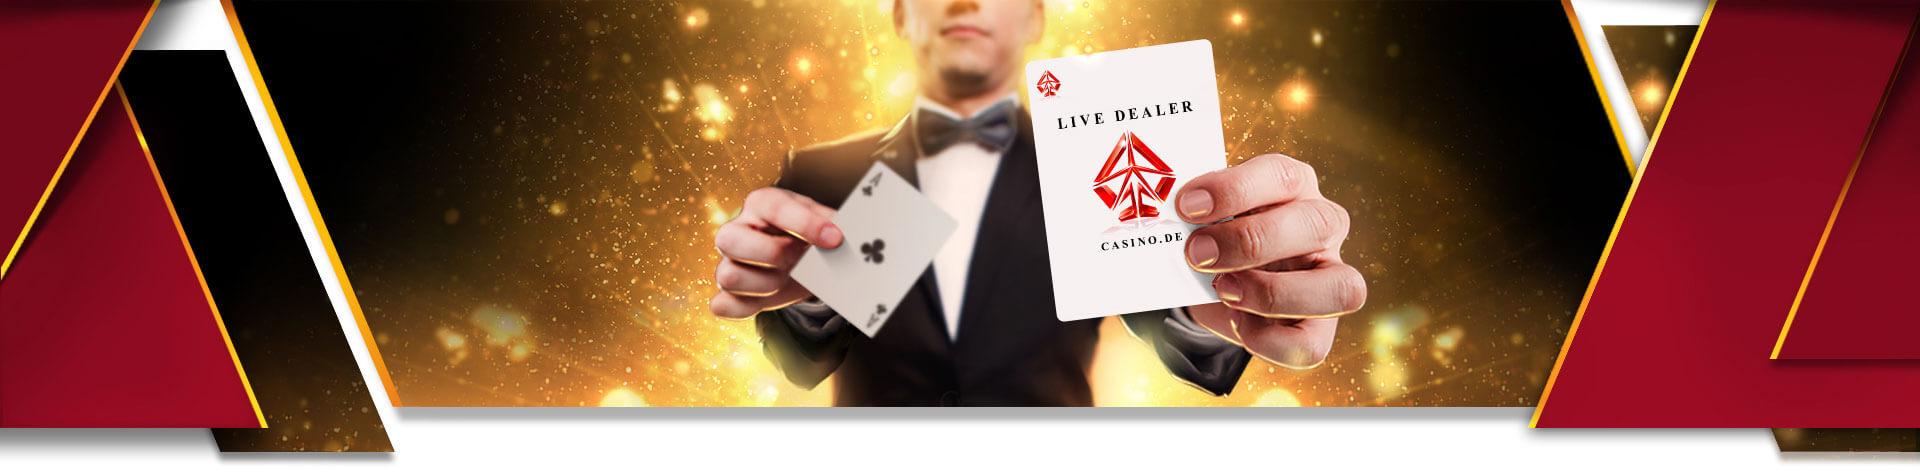 livedealer-casino.de